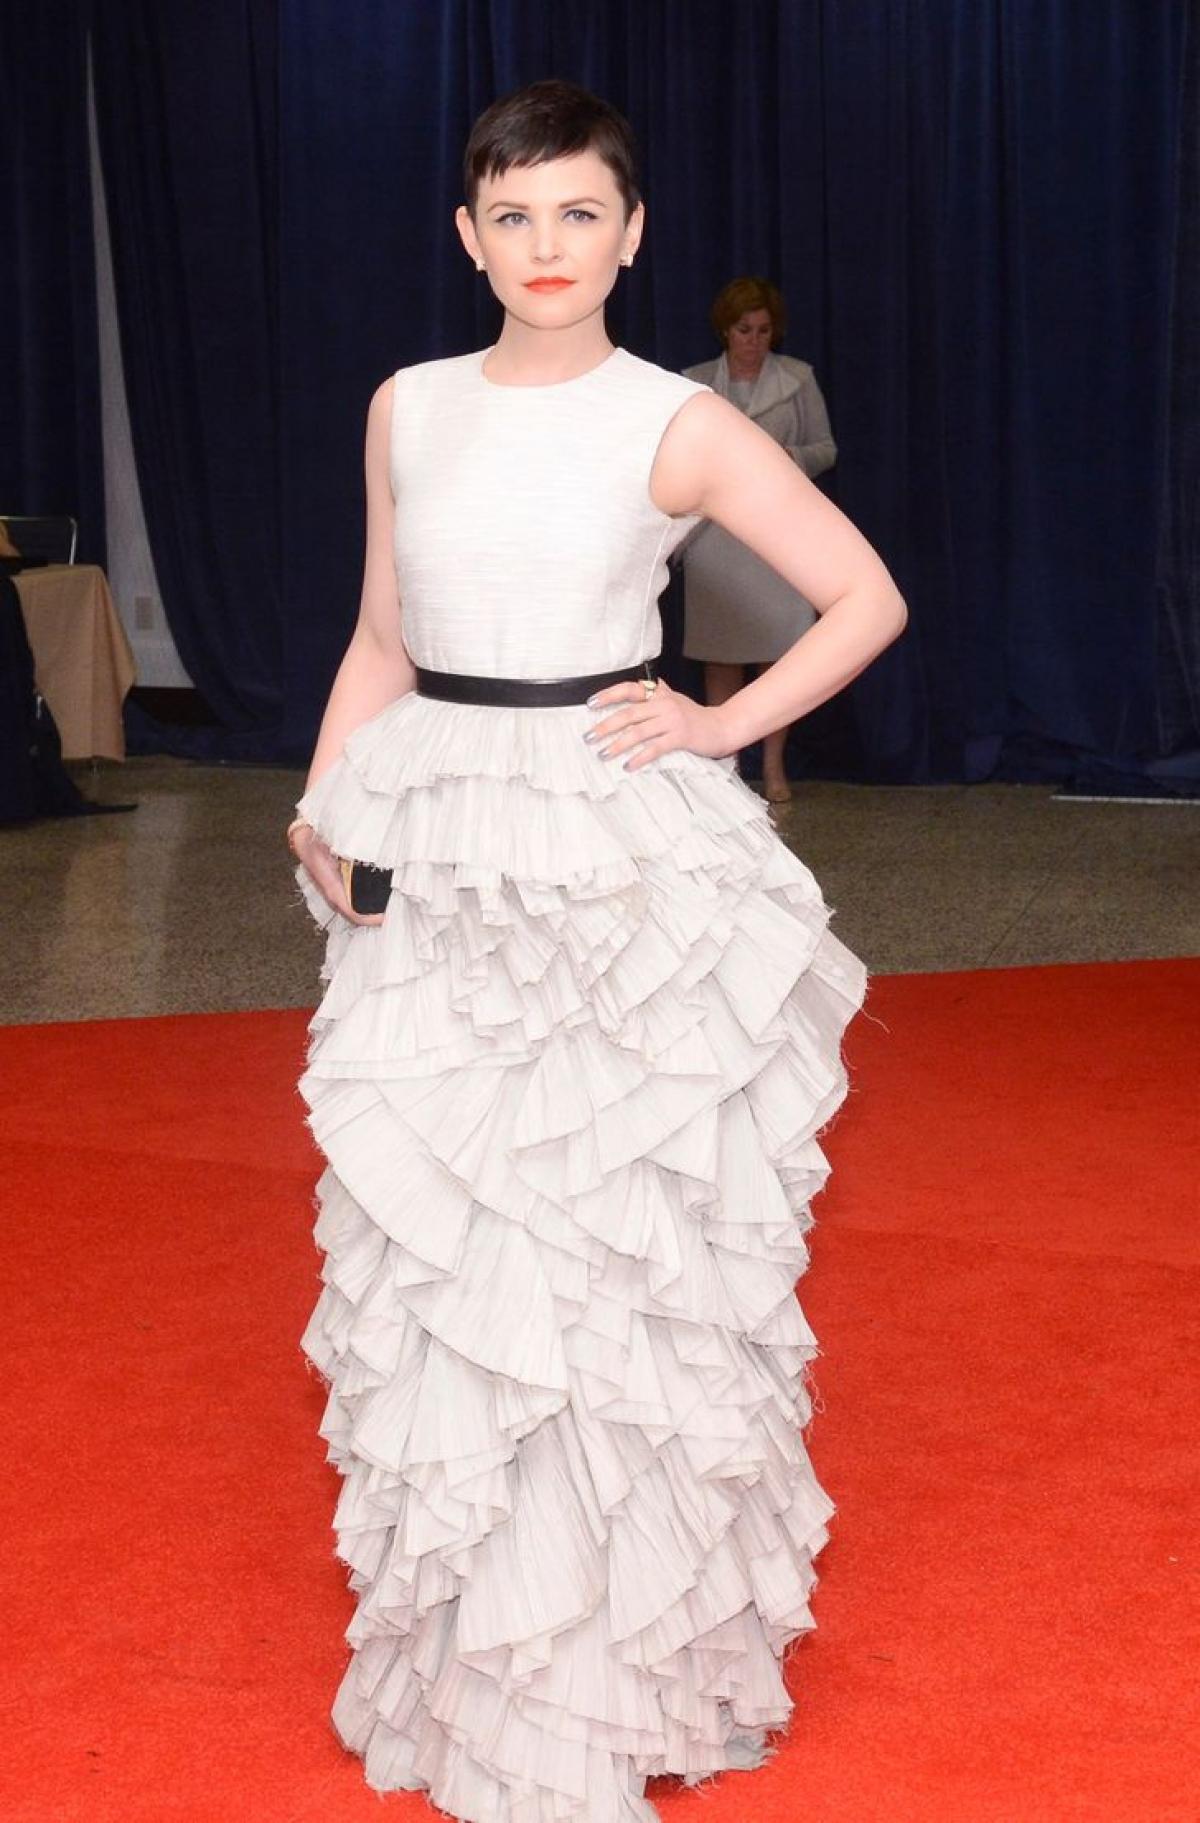 Ginnifer Goodwin xinh đẹp trong chiếc váy xếp tầng bồng bềnh đến từ thương hiệu H&M.